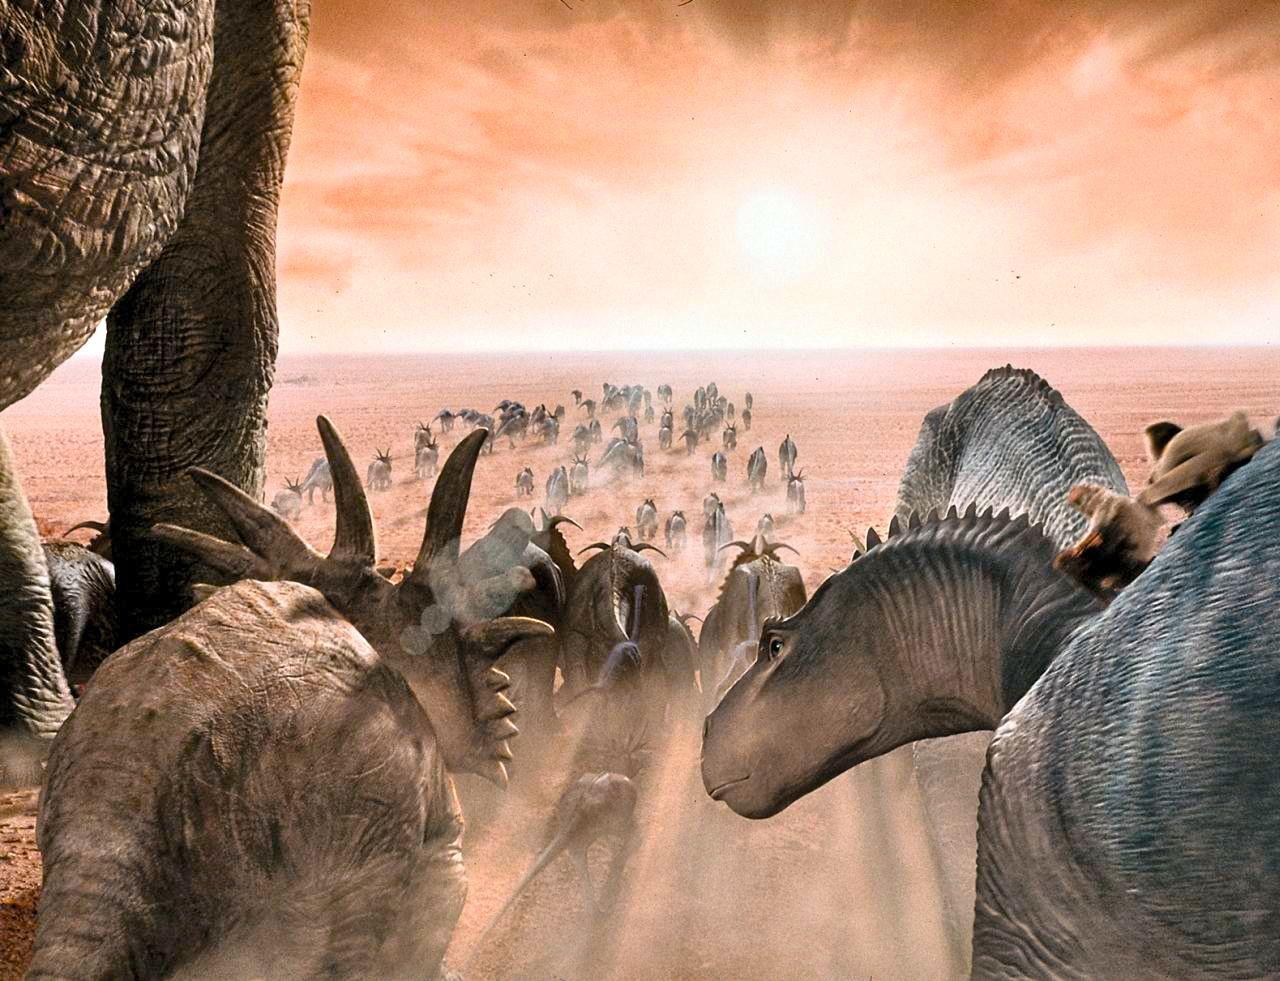 pachyrhinosaurus vs carnotaurus - photo #43